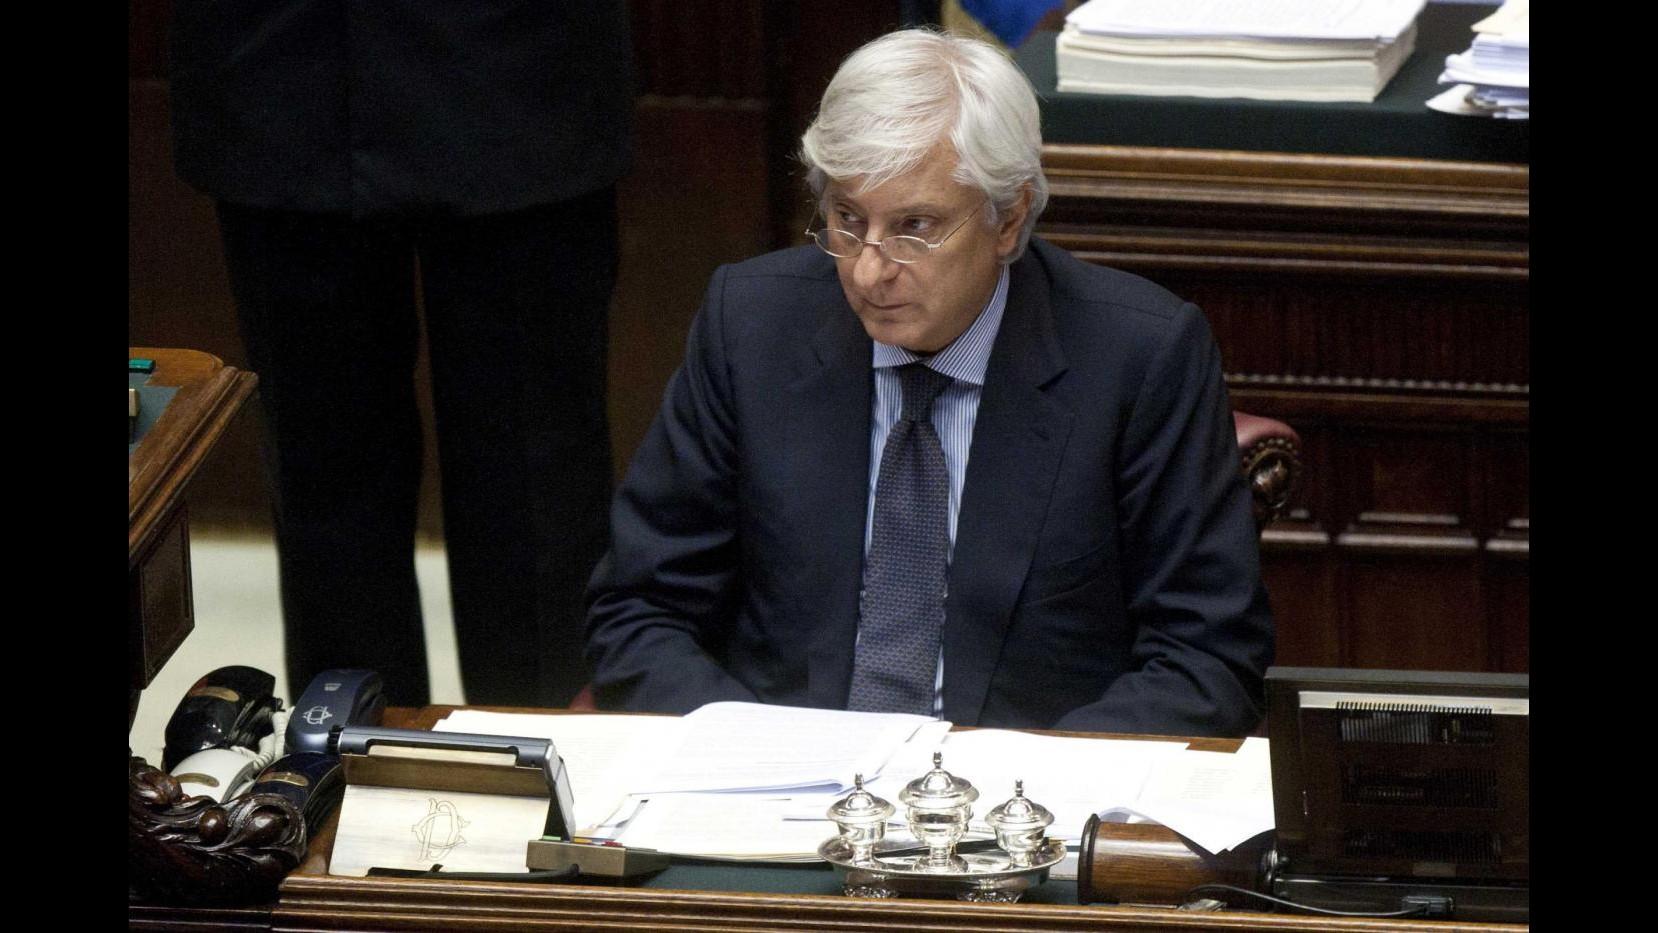 Quirinale, Mattarella nomina Ugo Zampetti nuovo segretario generale